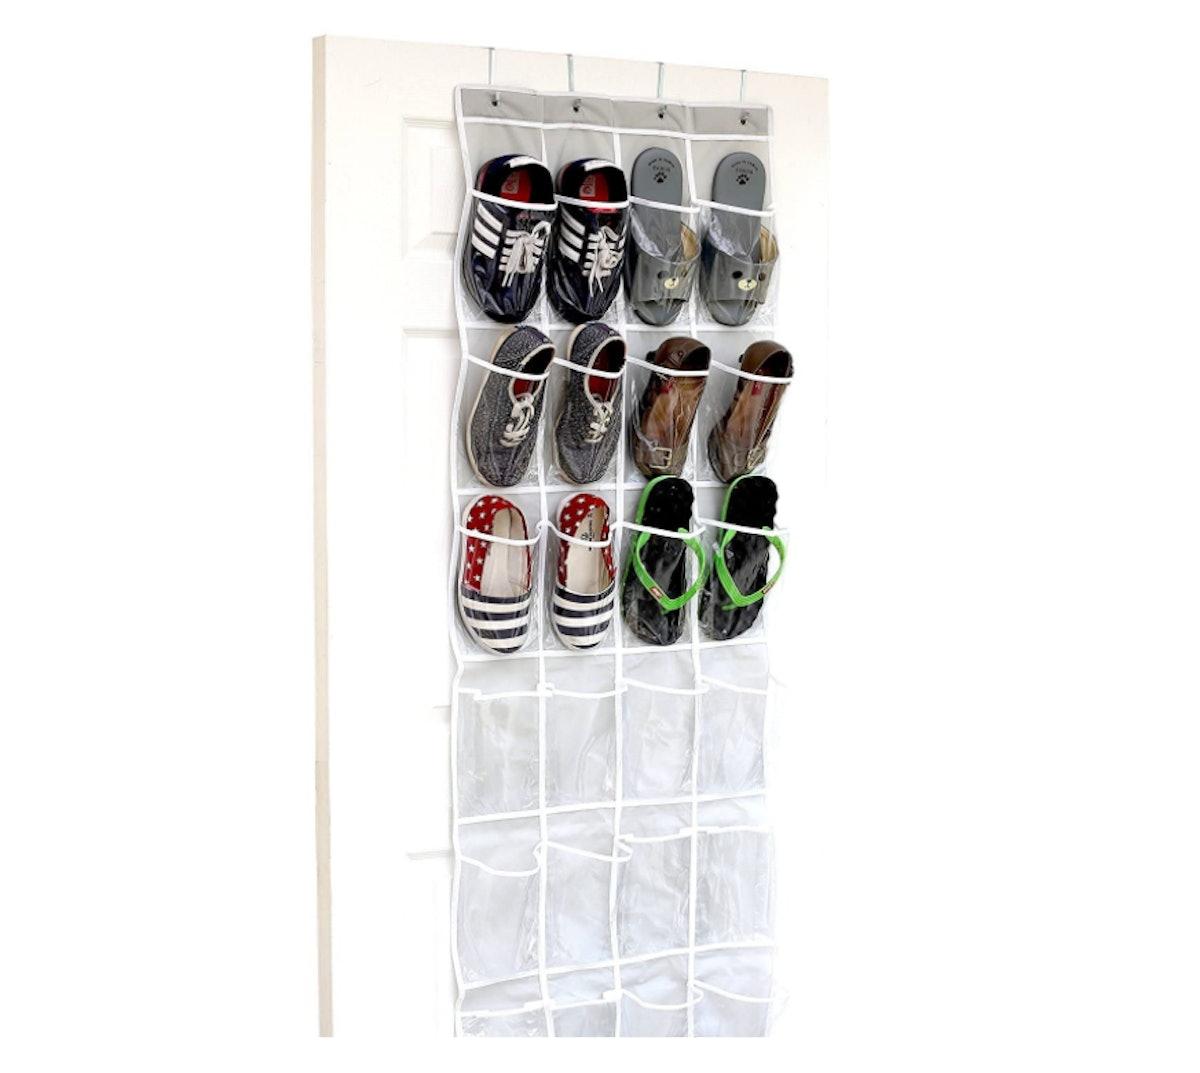 Simple Houseware Over-The-Door Shoe Organizer